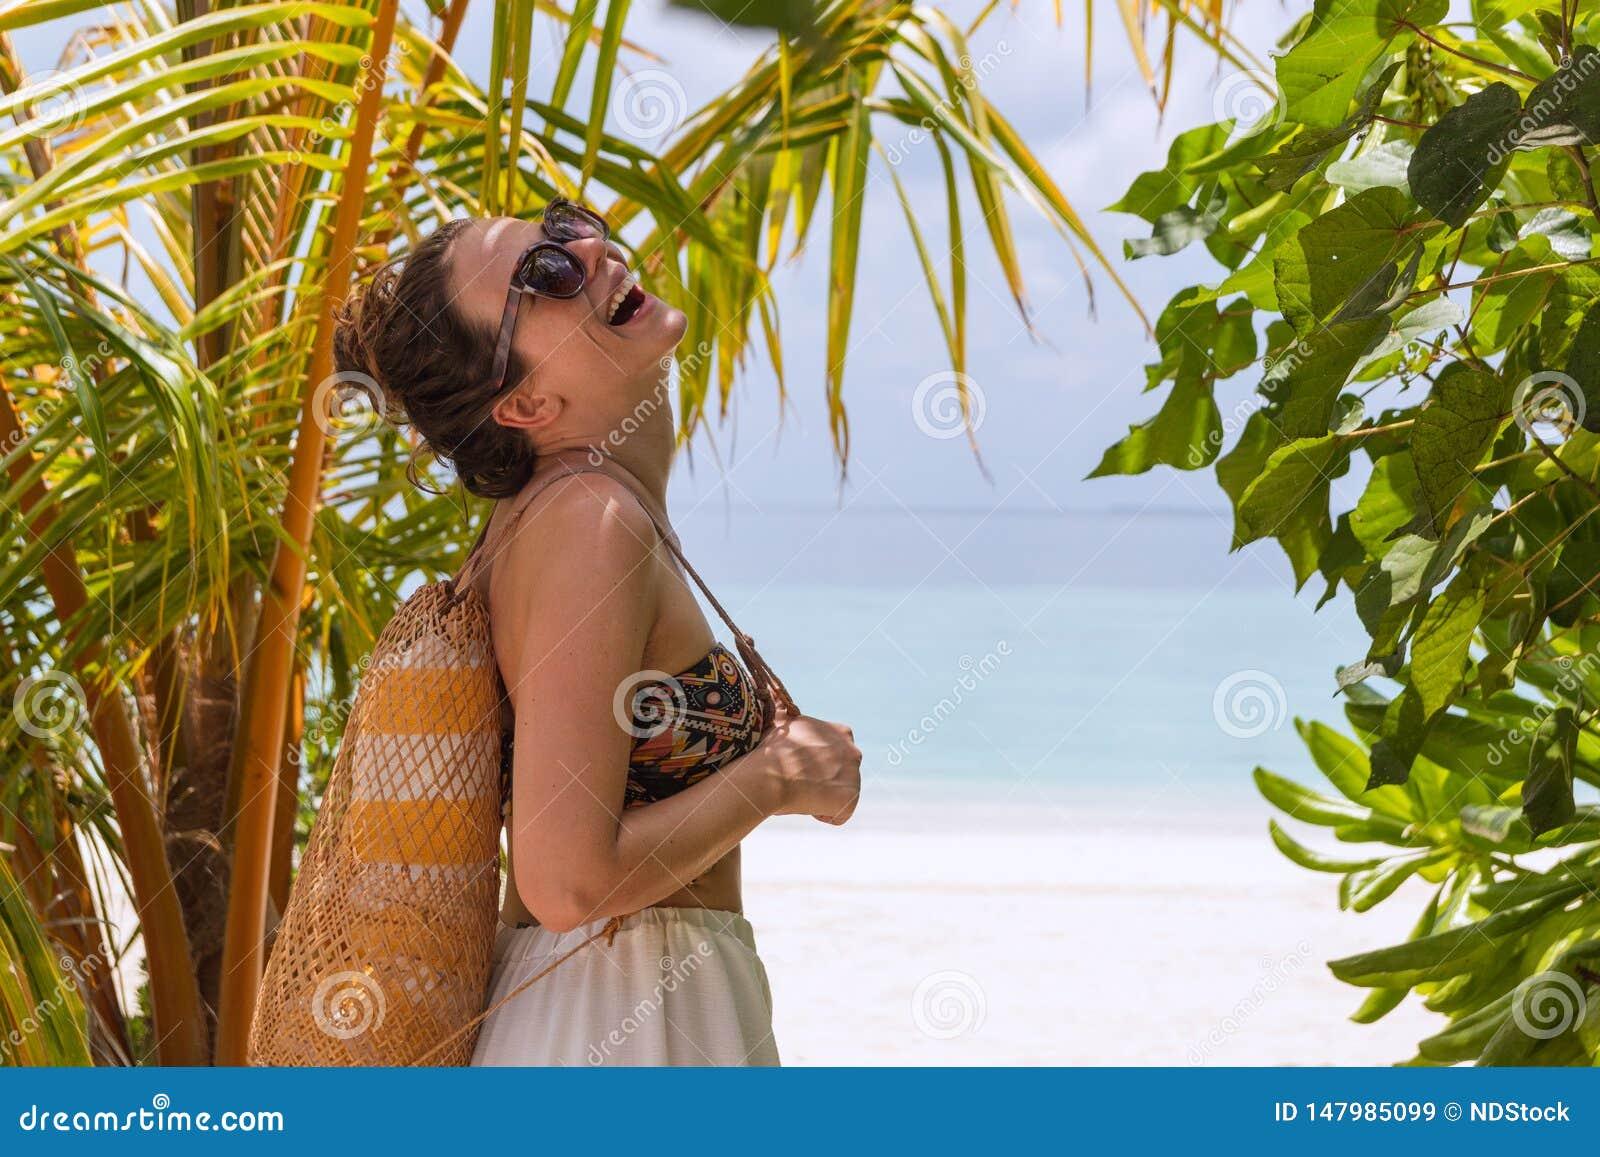 Junge glückliche Frau mit einem Tuch gehend zum Strand in einem tropischen Bestimmungsort Lachen zur Kamera